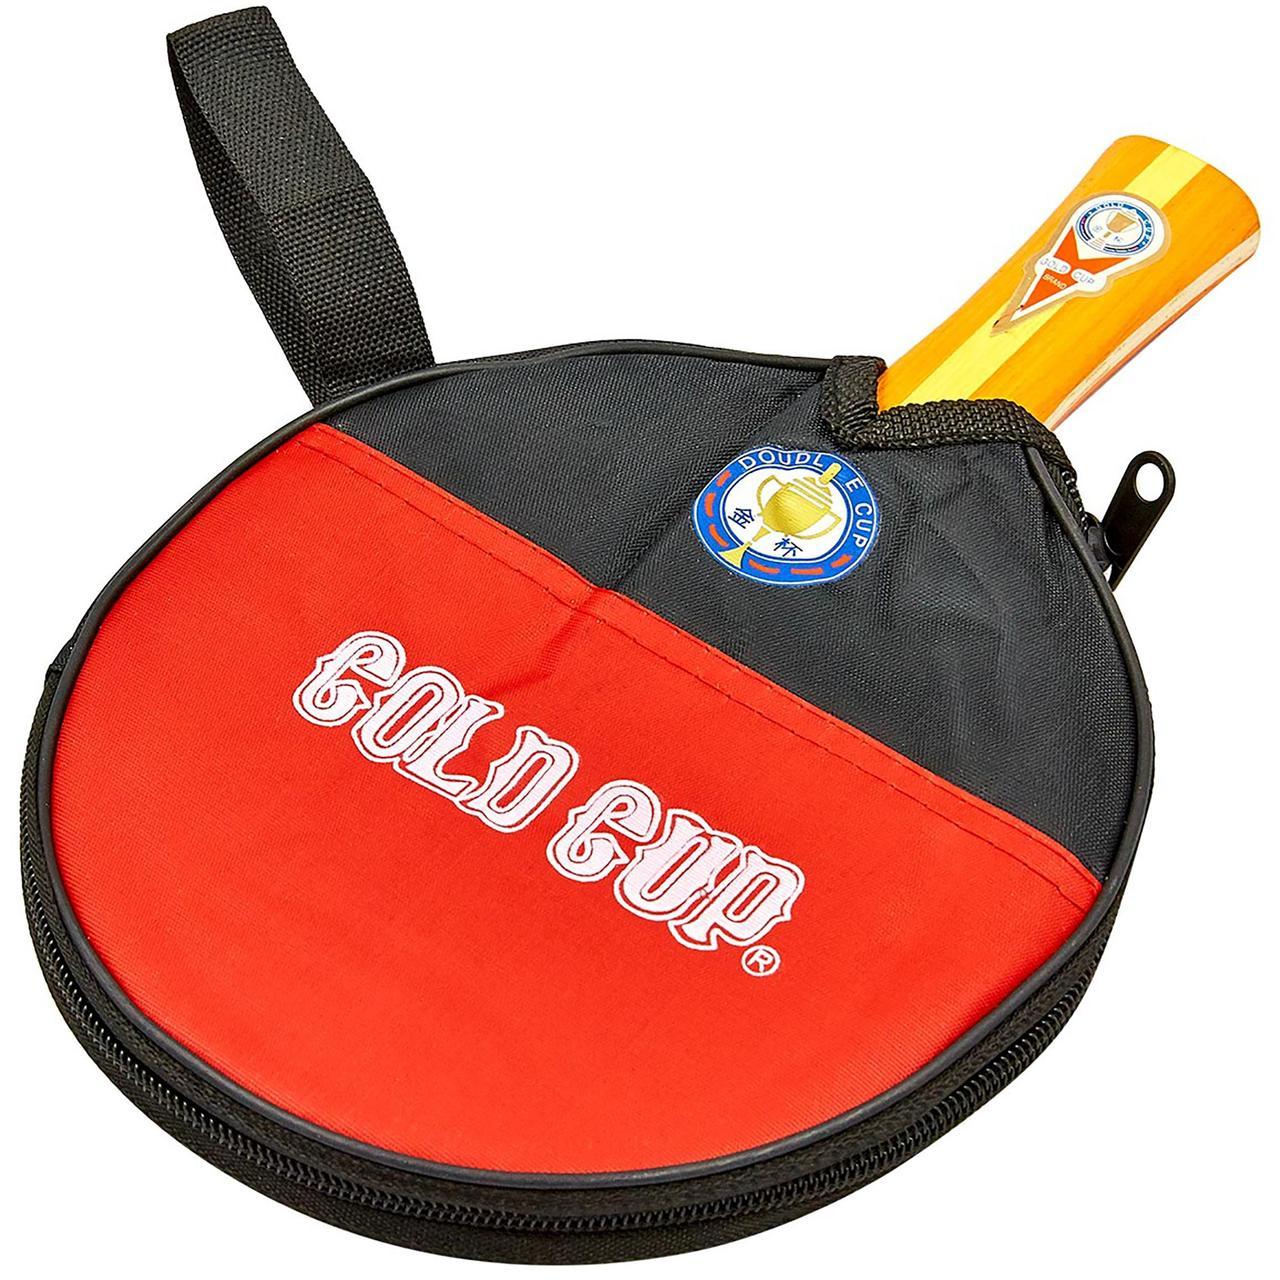 Ракетка для настольного тенниса 1 штука в чехле GOLD CUP 791